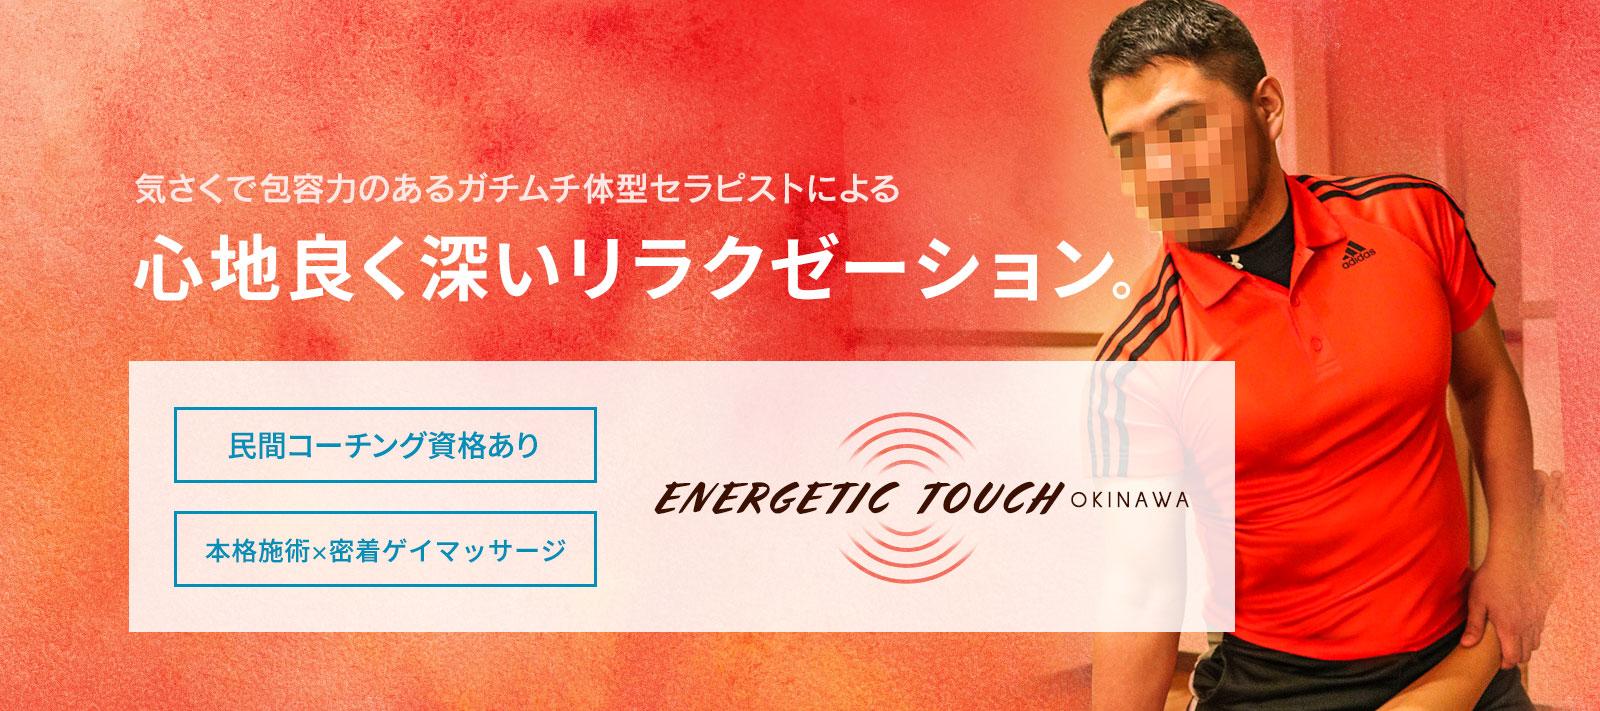 沖縄ゲイマッサージ ENERGETIC TOUCH OKINAWA